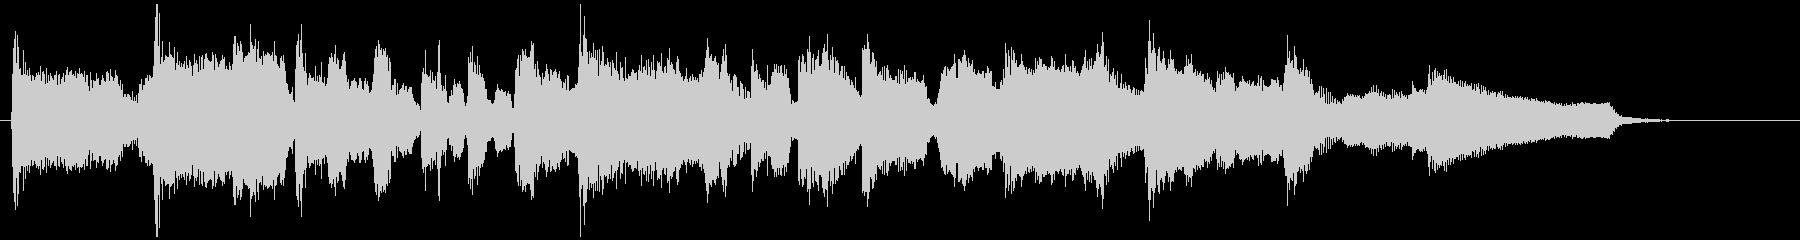 15秒CMに生演奏フルートのジャズワルツの未再生の波形